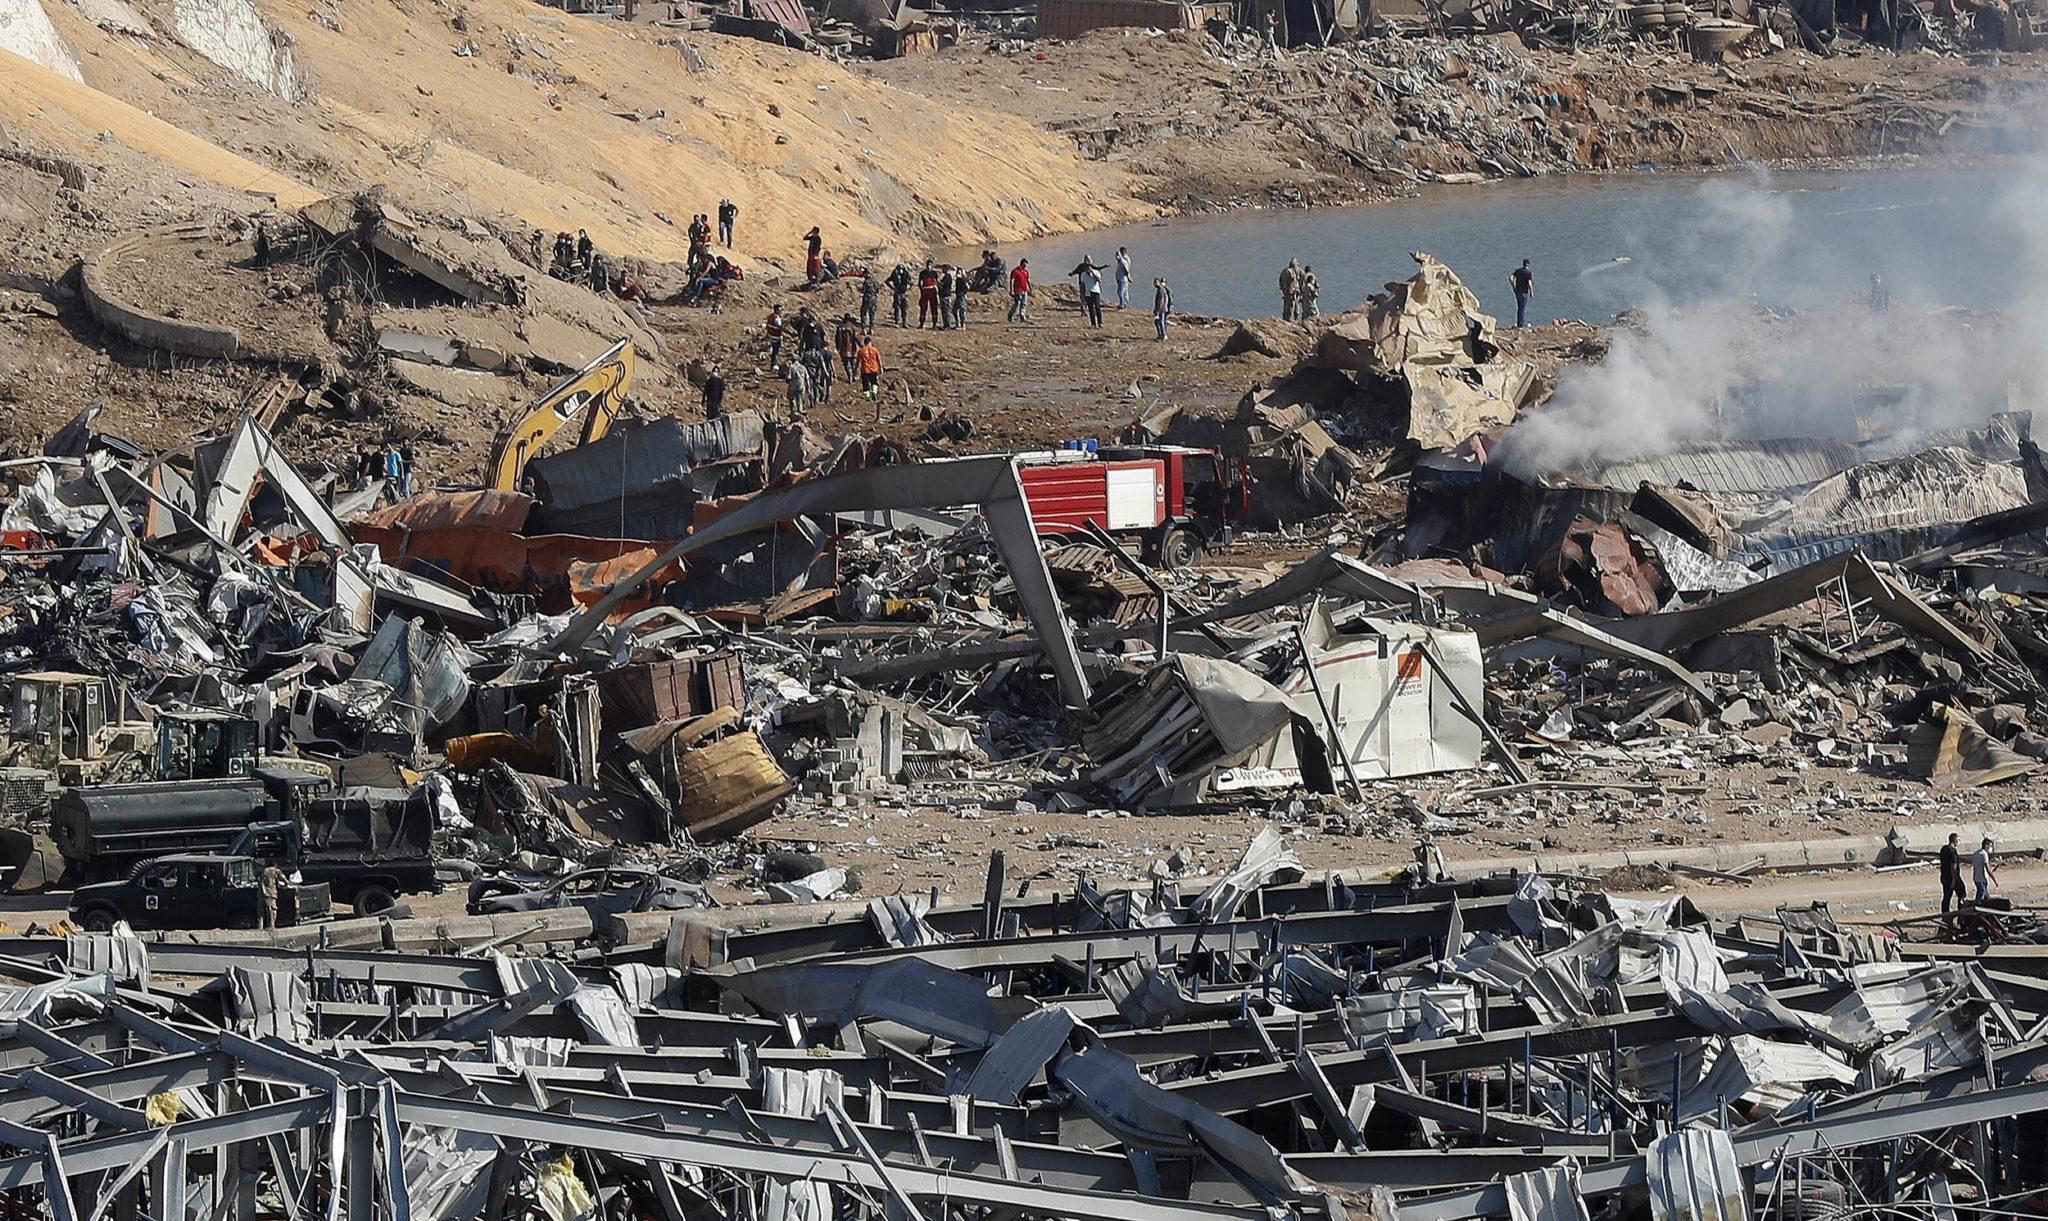 Будто кадры из фильма про Армагеддон: как выглядит Бейрут после взрывов (ФОТО, ВИДЕО) - фото 13